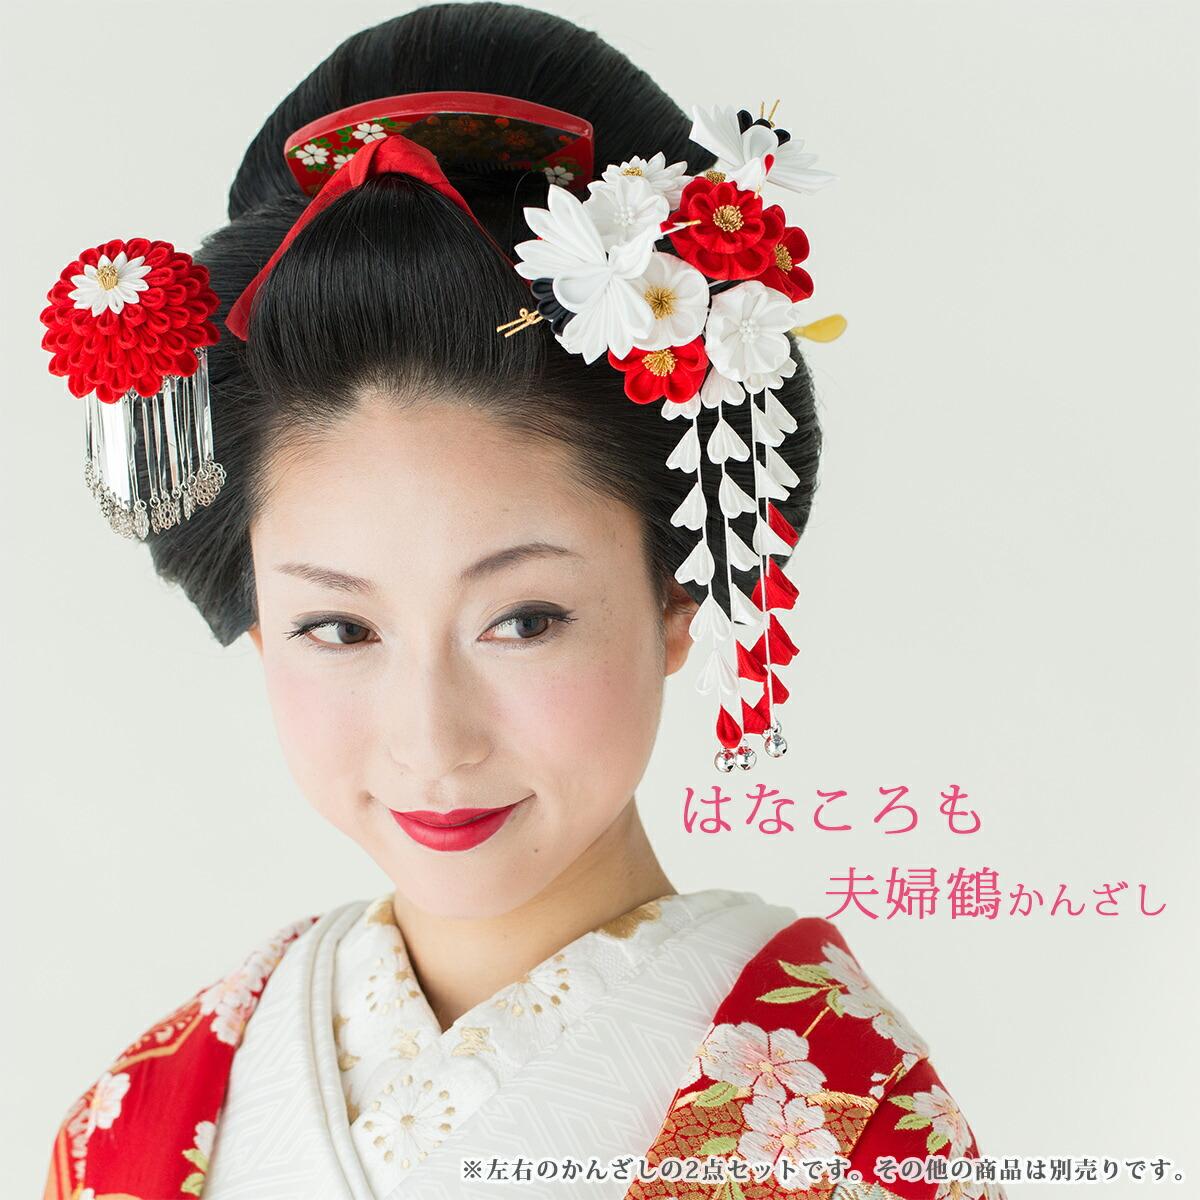 はなころも夫婦鶴かんざし 花嫁 髪飾り かんざし つまみ細工